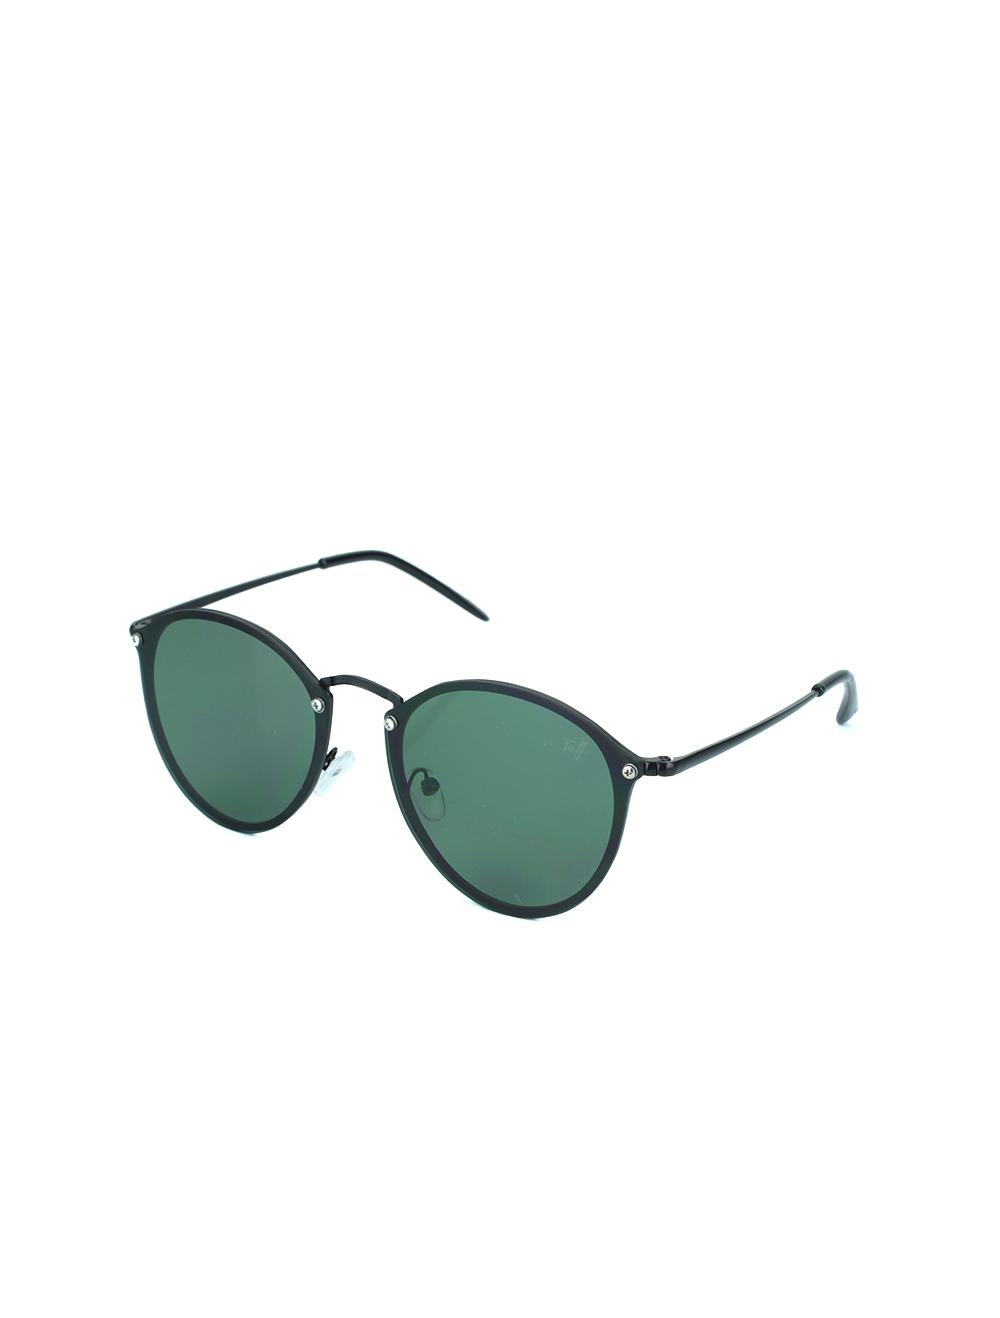 Sunglasses Pantos Verde